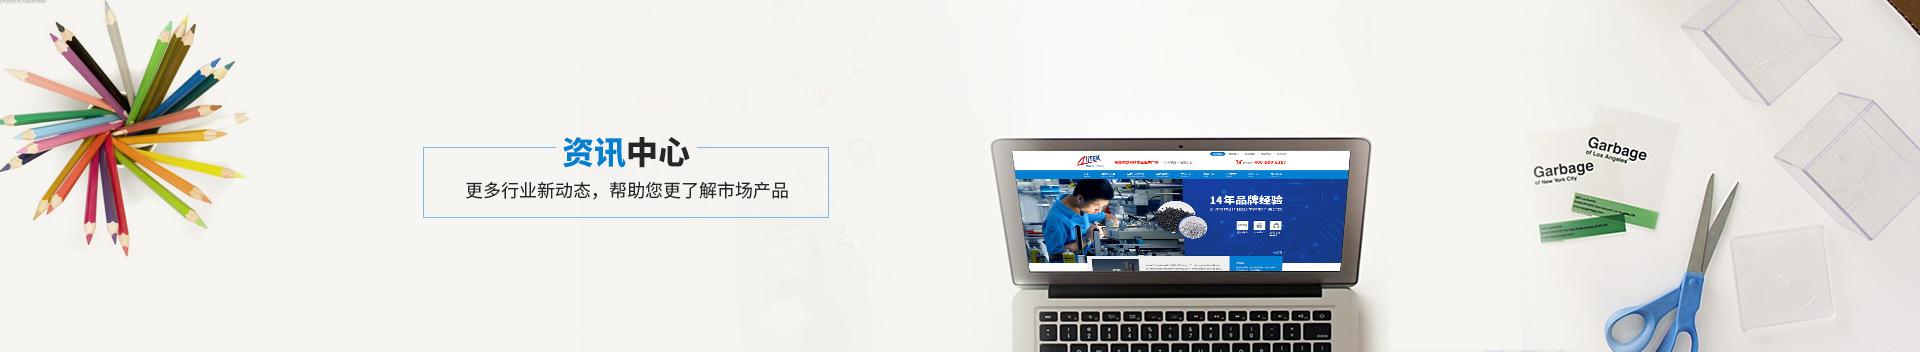 兆科资讯中心:更多行业新动态 帮助您更了解市场产品